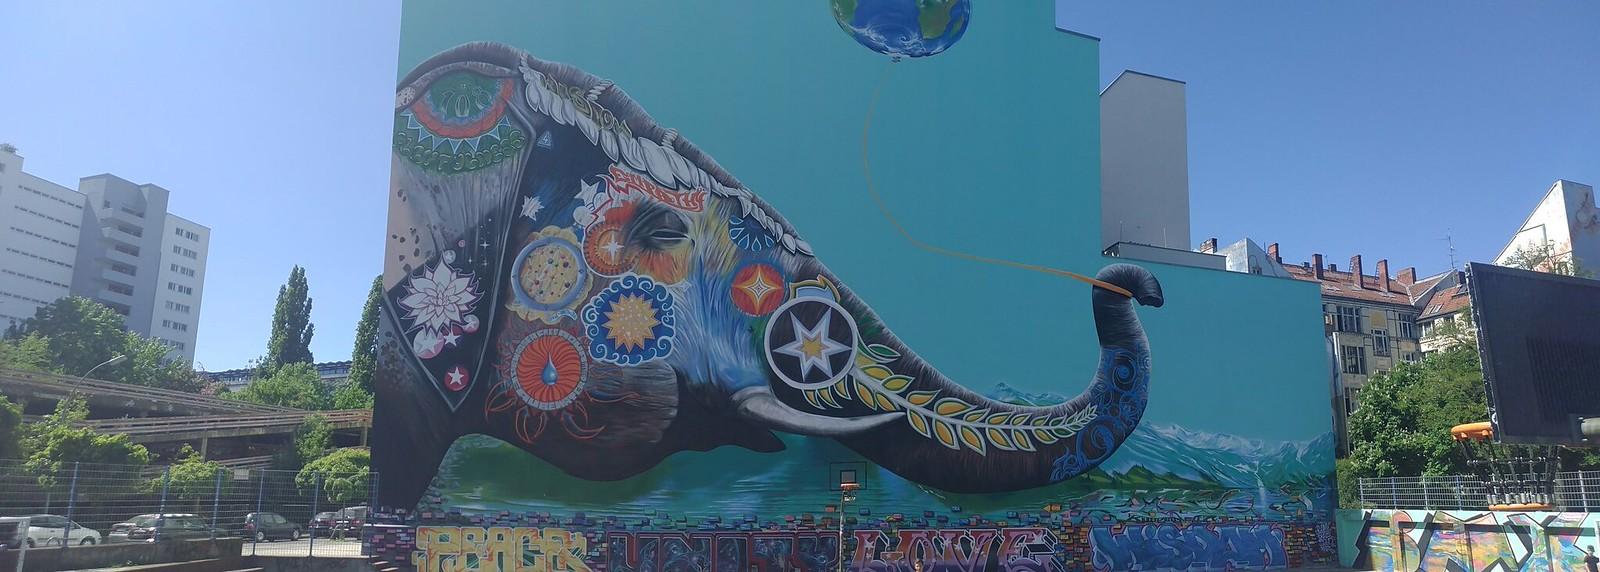 Mural Elefant